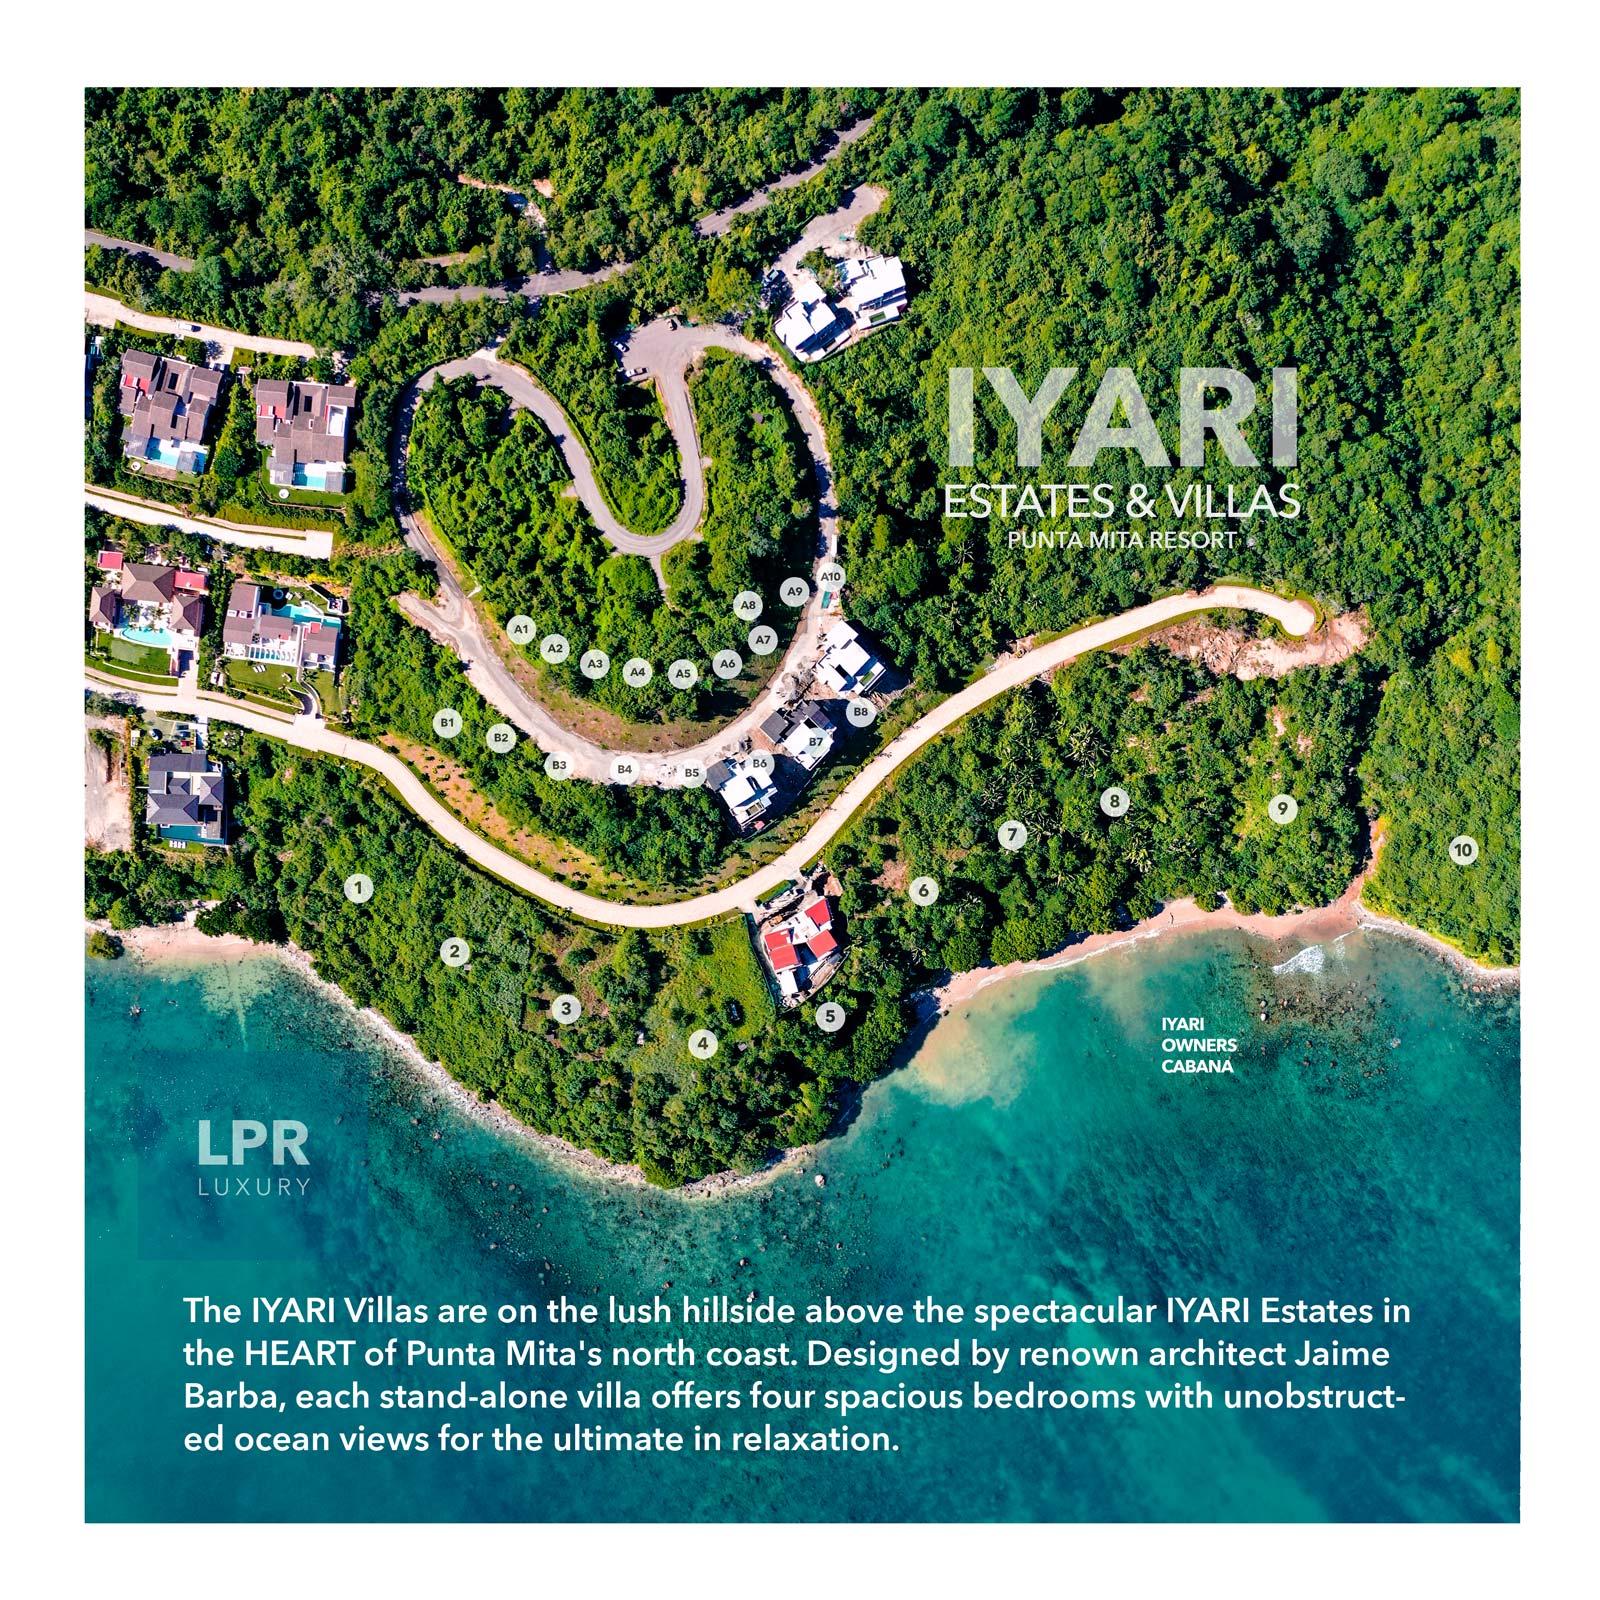 Iyari Estates & Villas at the Punta Mita Resort, Riviera Nayarit, Mexico